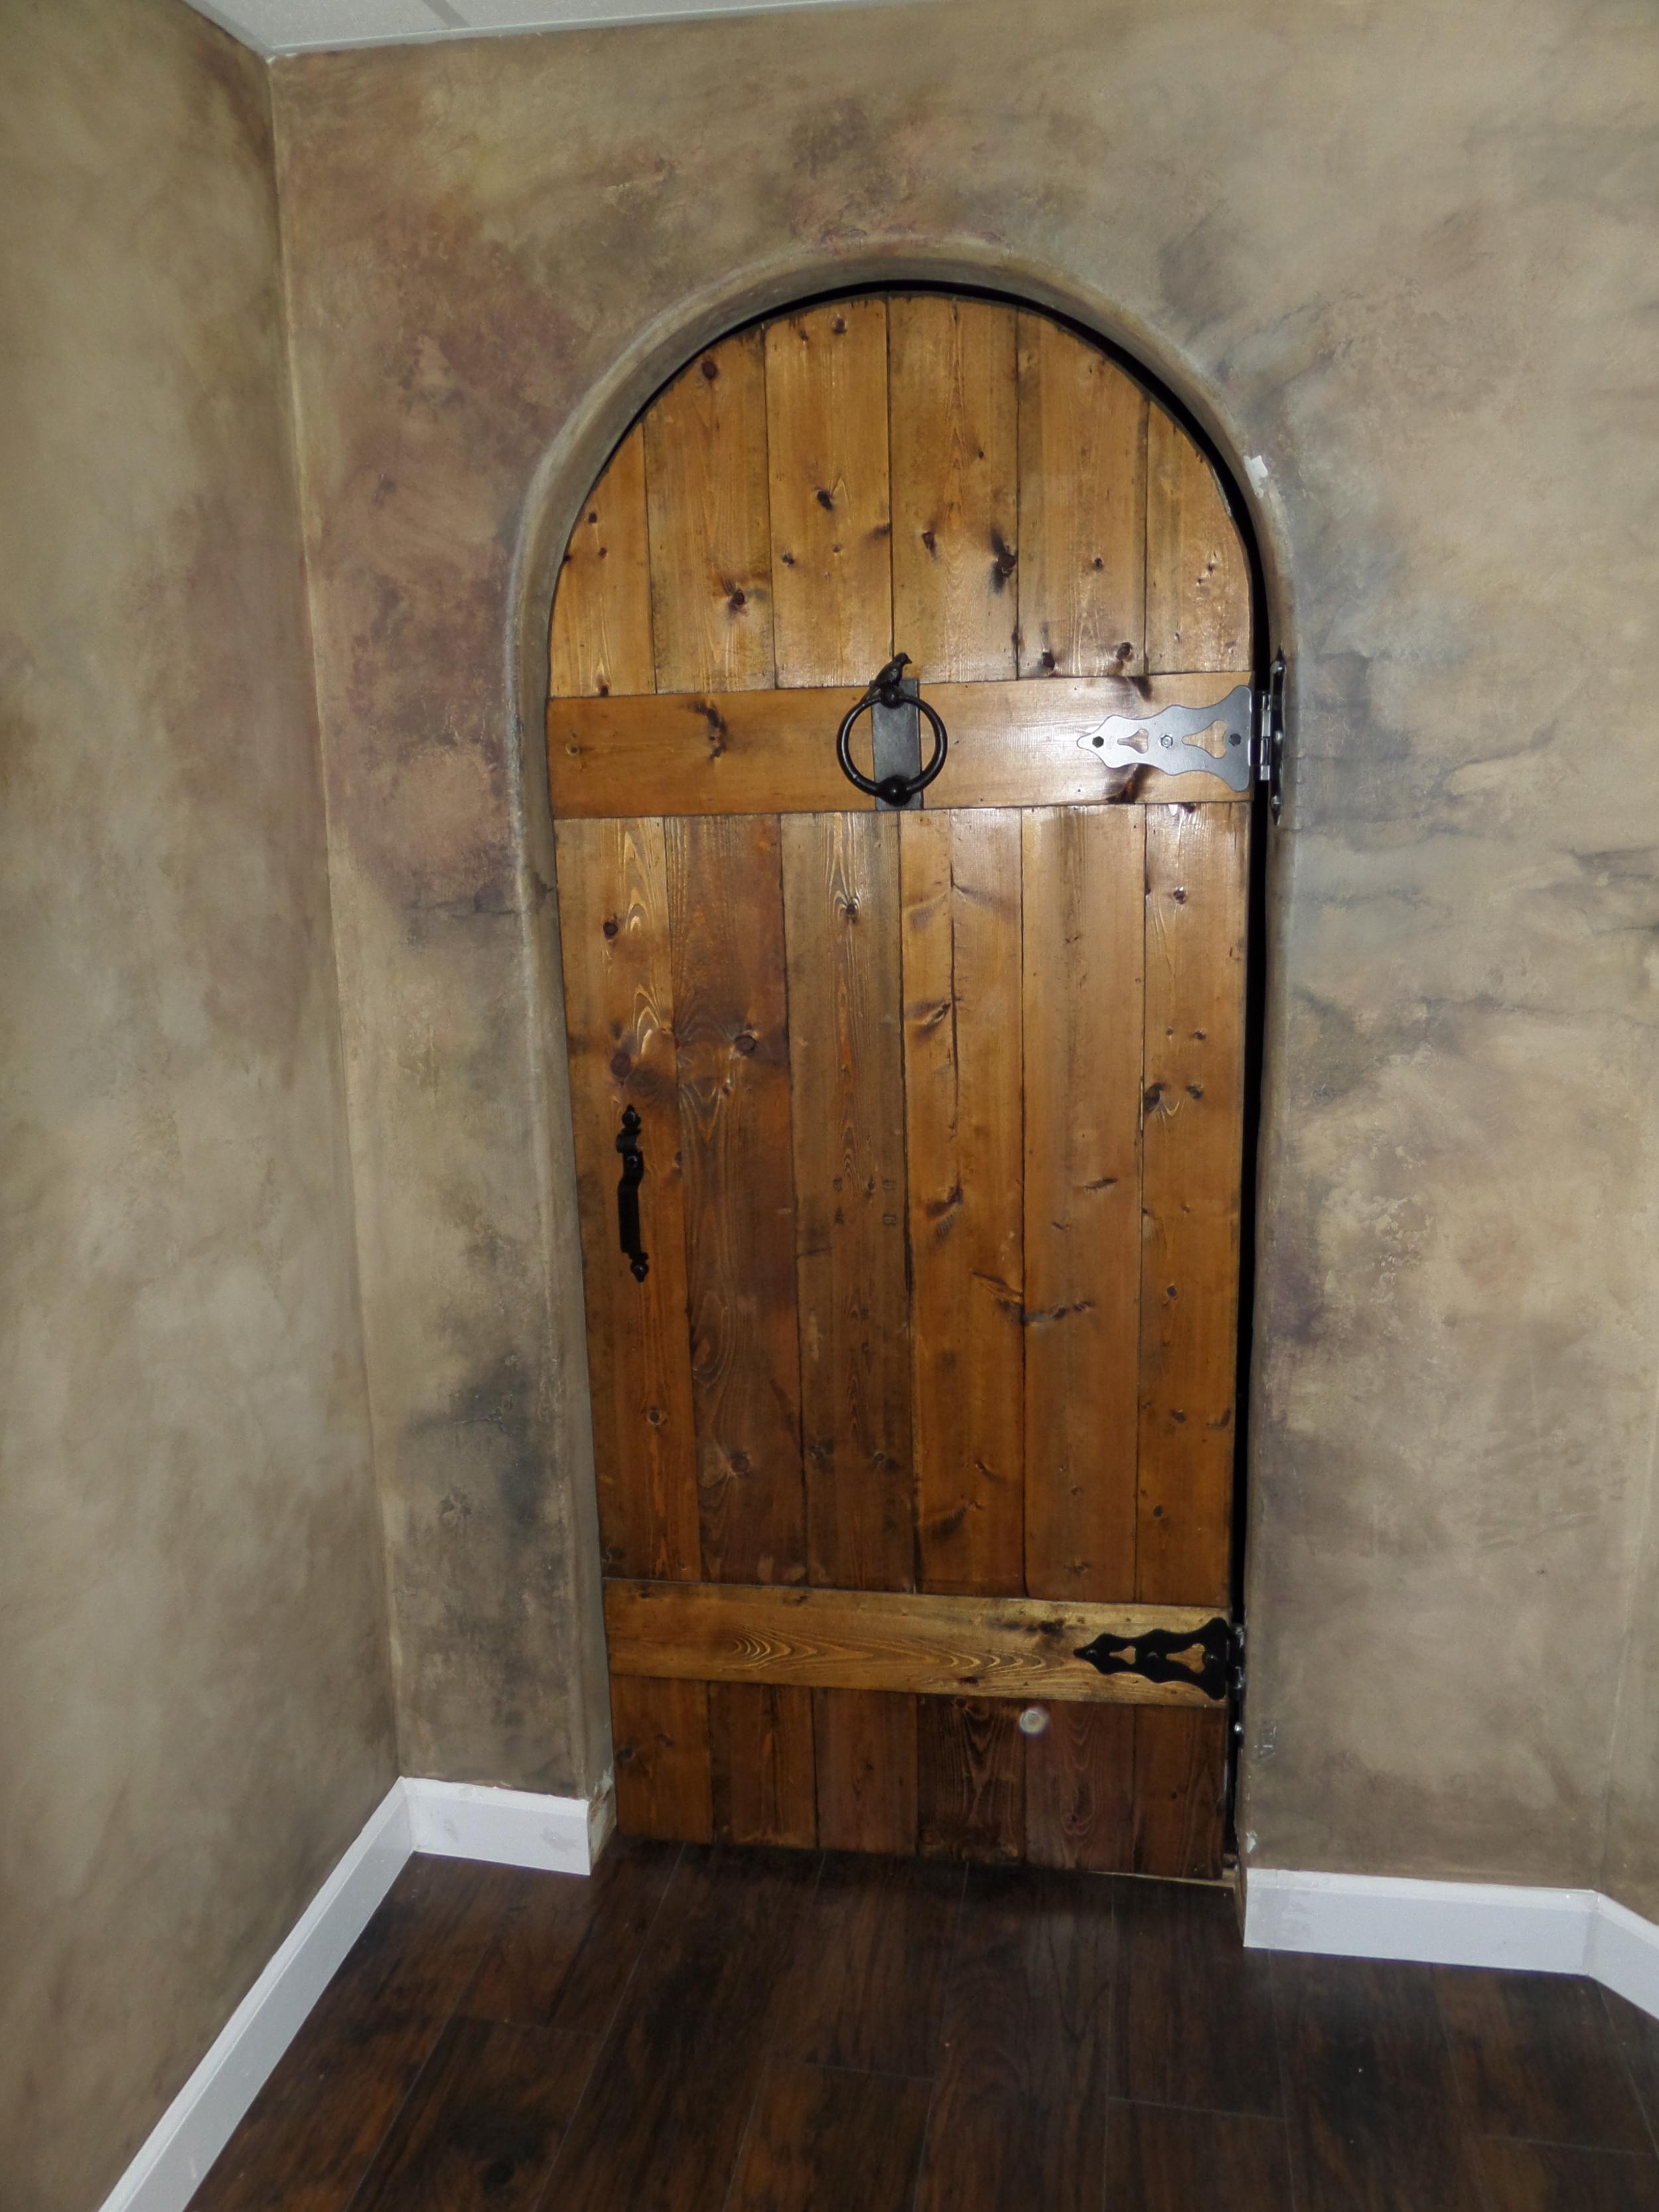 Custome wine cellar door 2.JPG